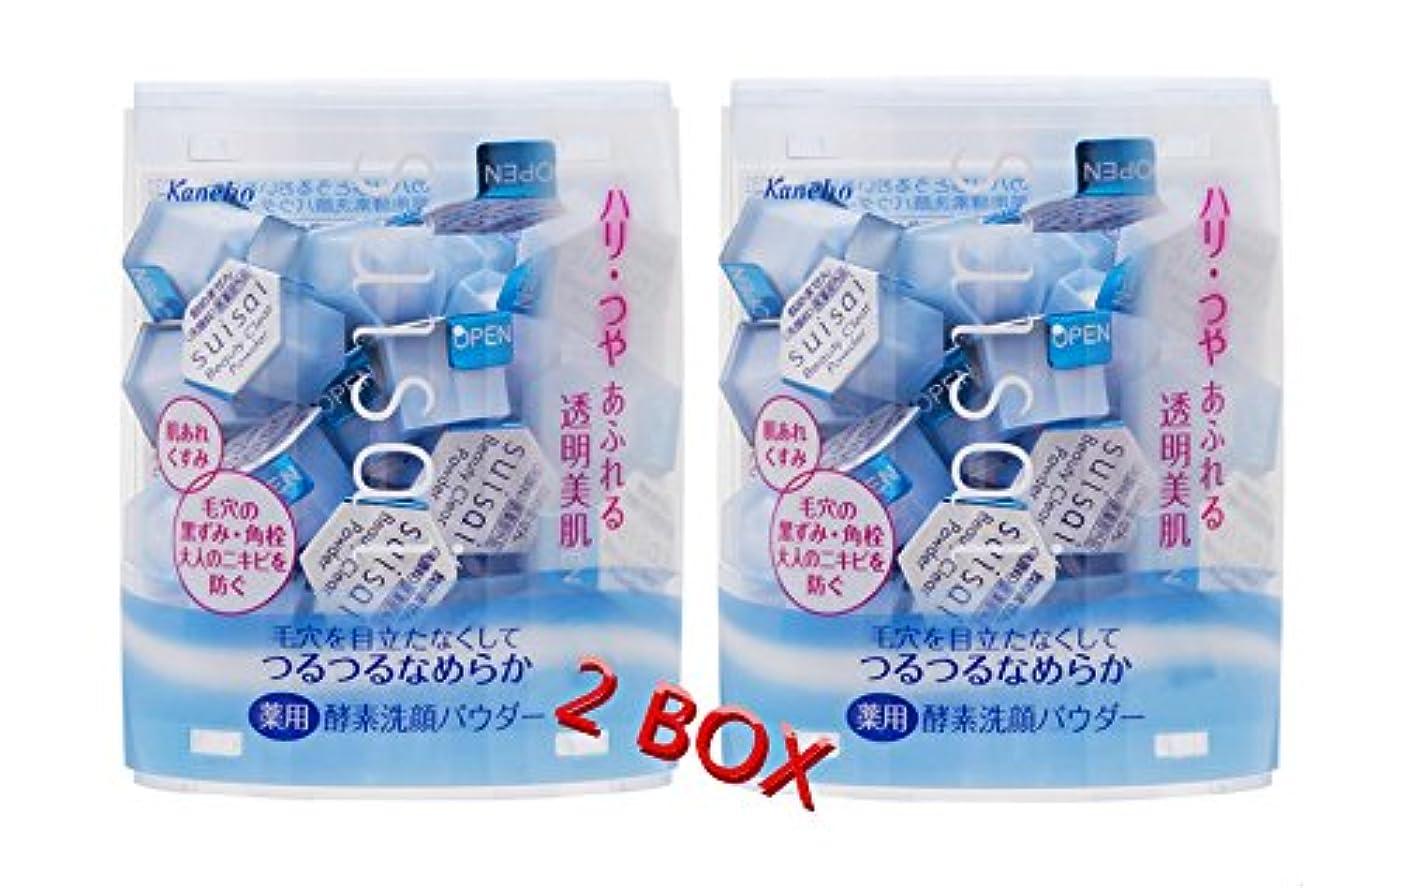 助けてファーザーファージュリー【カネボウ】スイサイ suisai ビューティクリアパウダー 0.4g×32個 ...の2個まとめ買いセット